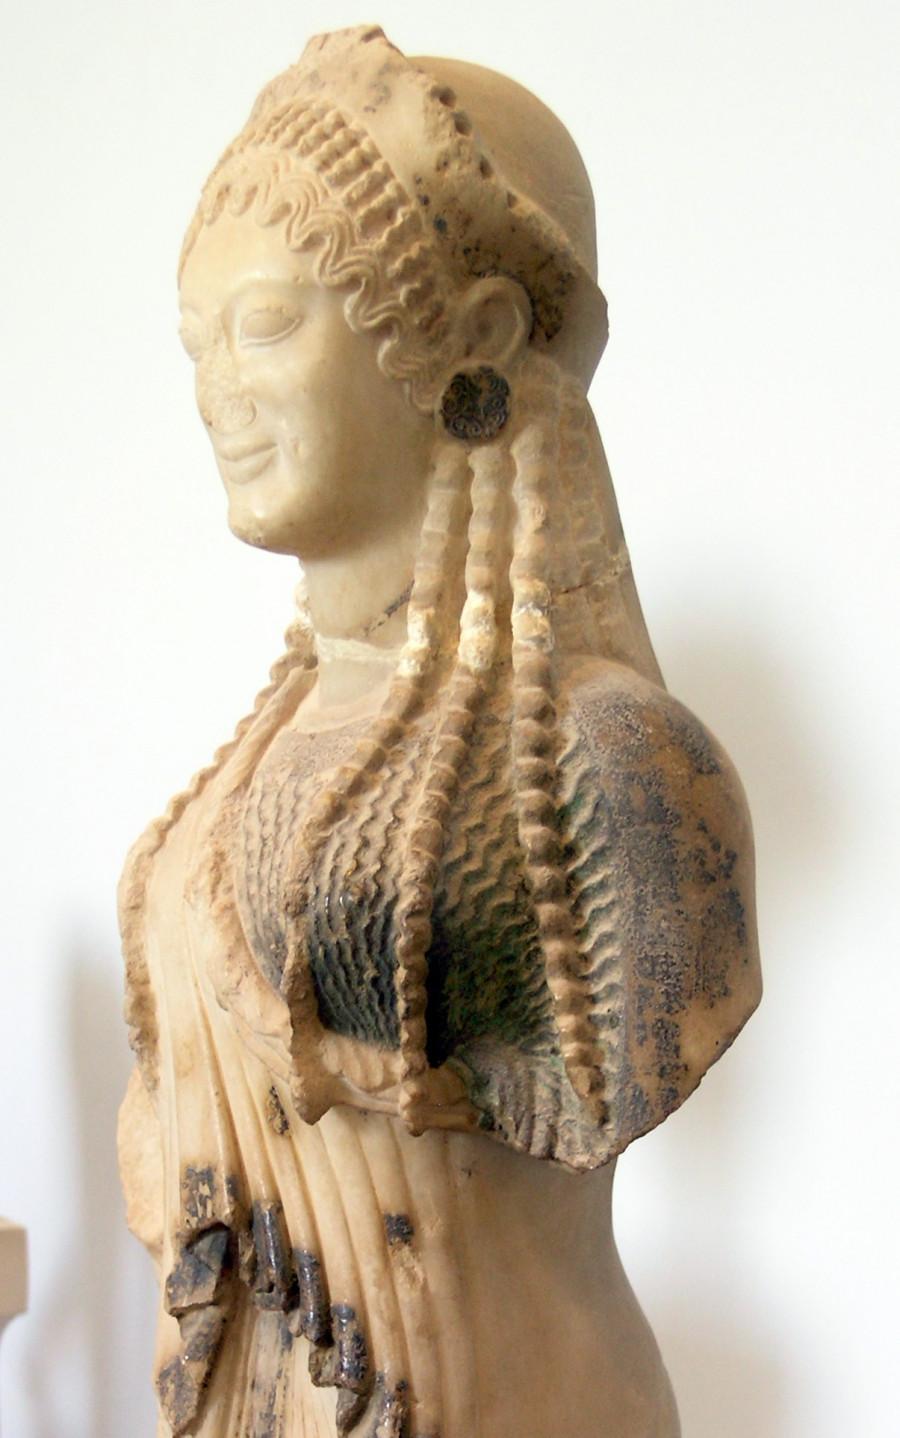 Кора с острова Хиос. Скульптор Архерм, ок. 520-510 до н.э. Афины, музей Акрополя